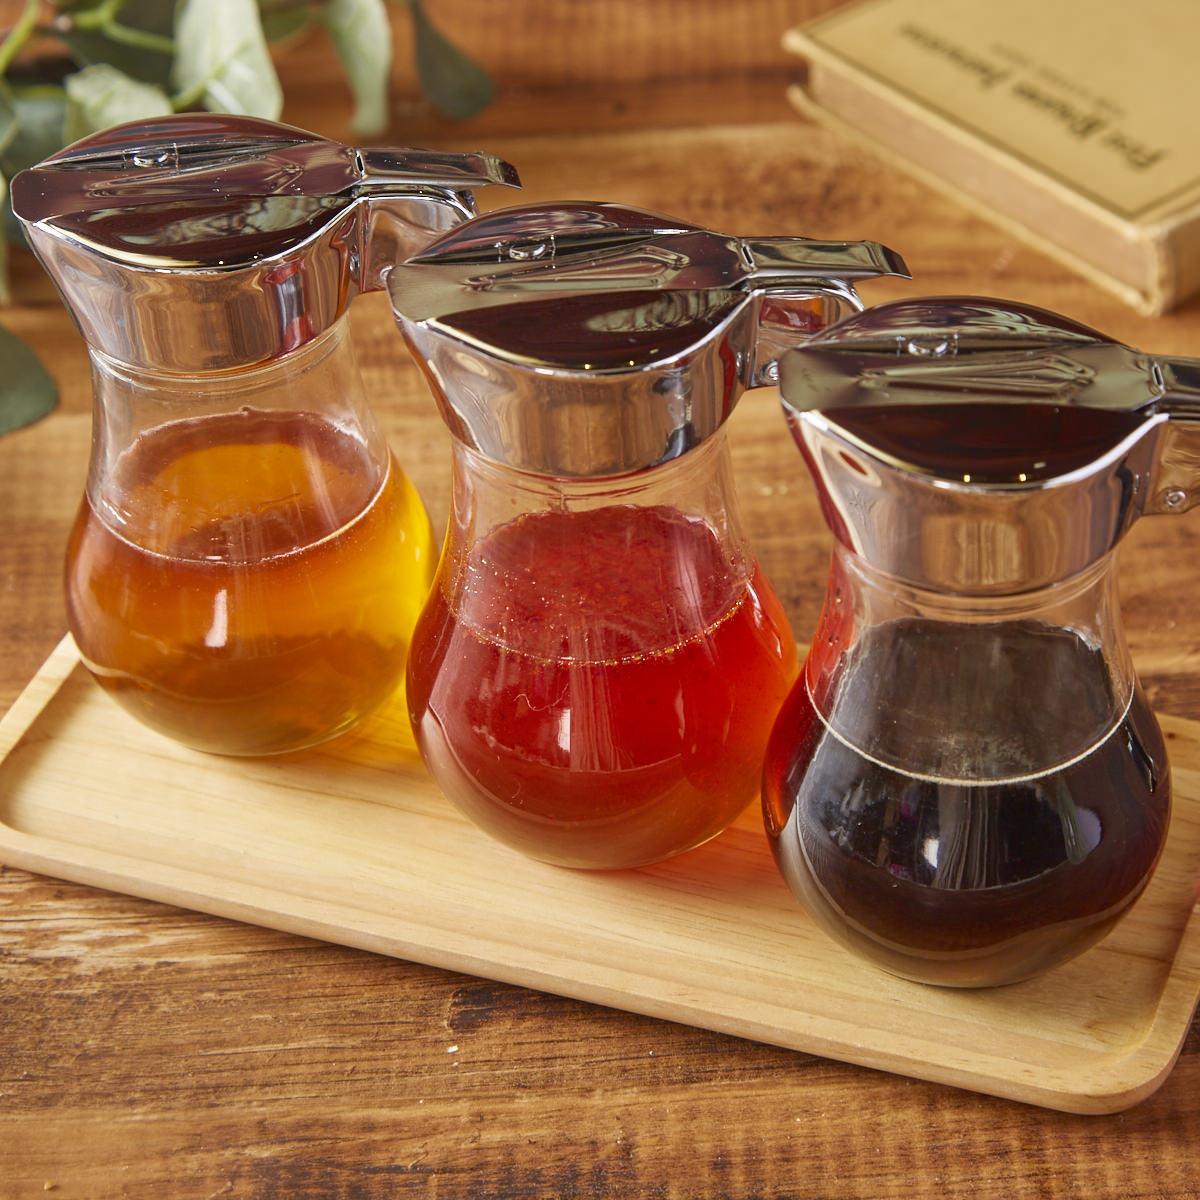 일반 꿀 외에 Bee House 오리지널 브랜드의 맛 꿀을 3 종류 준비!